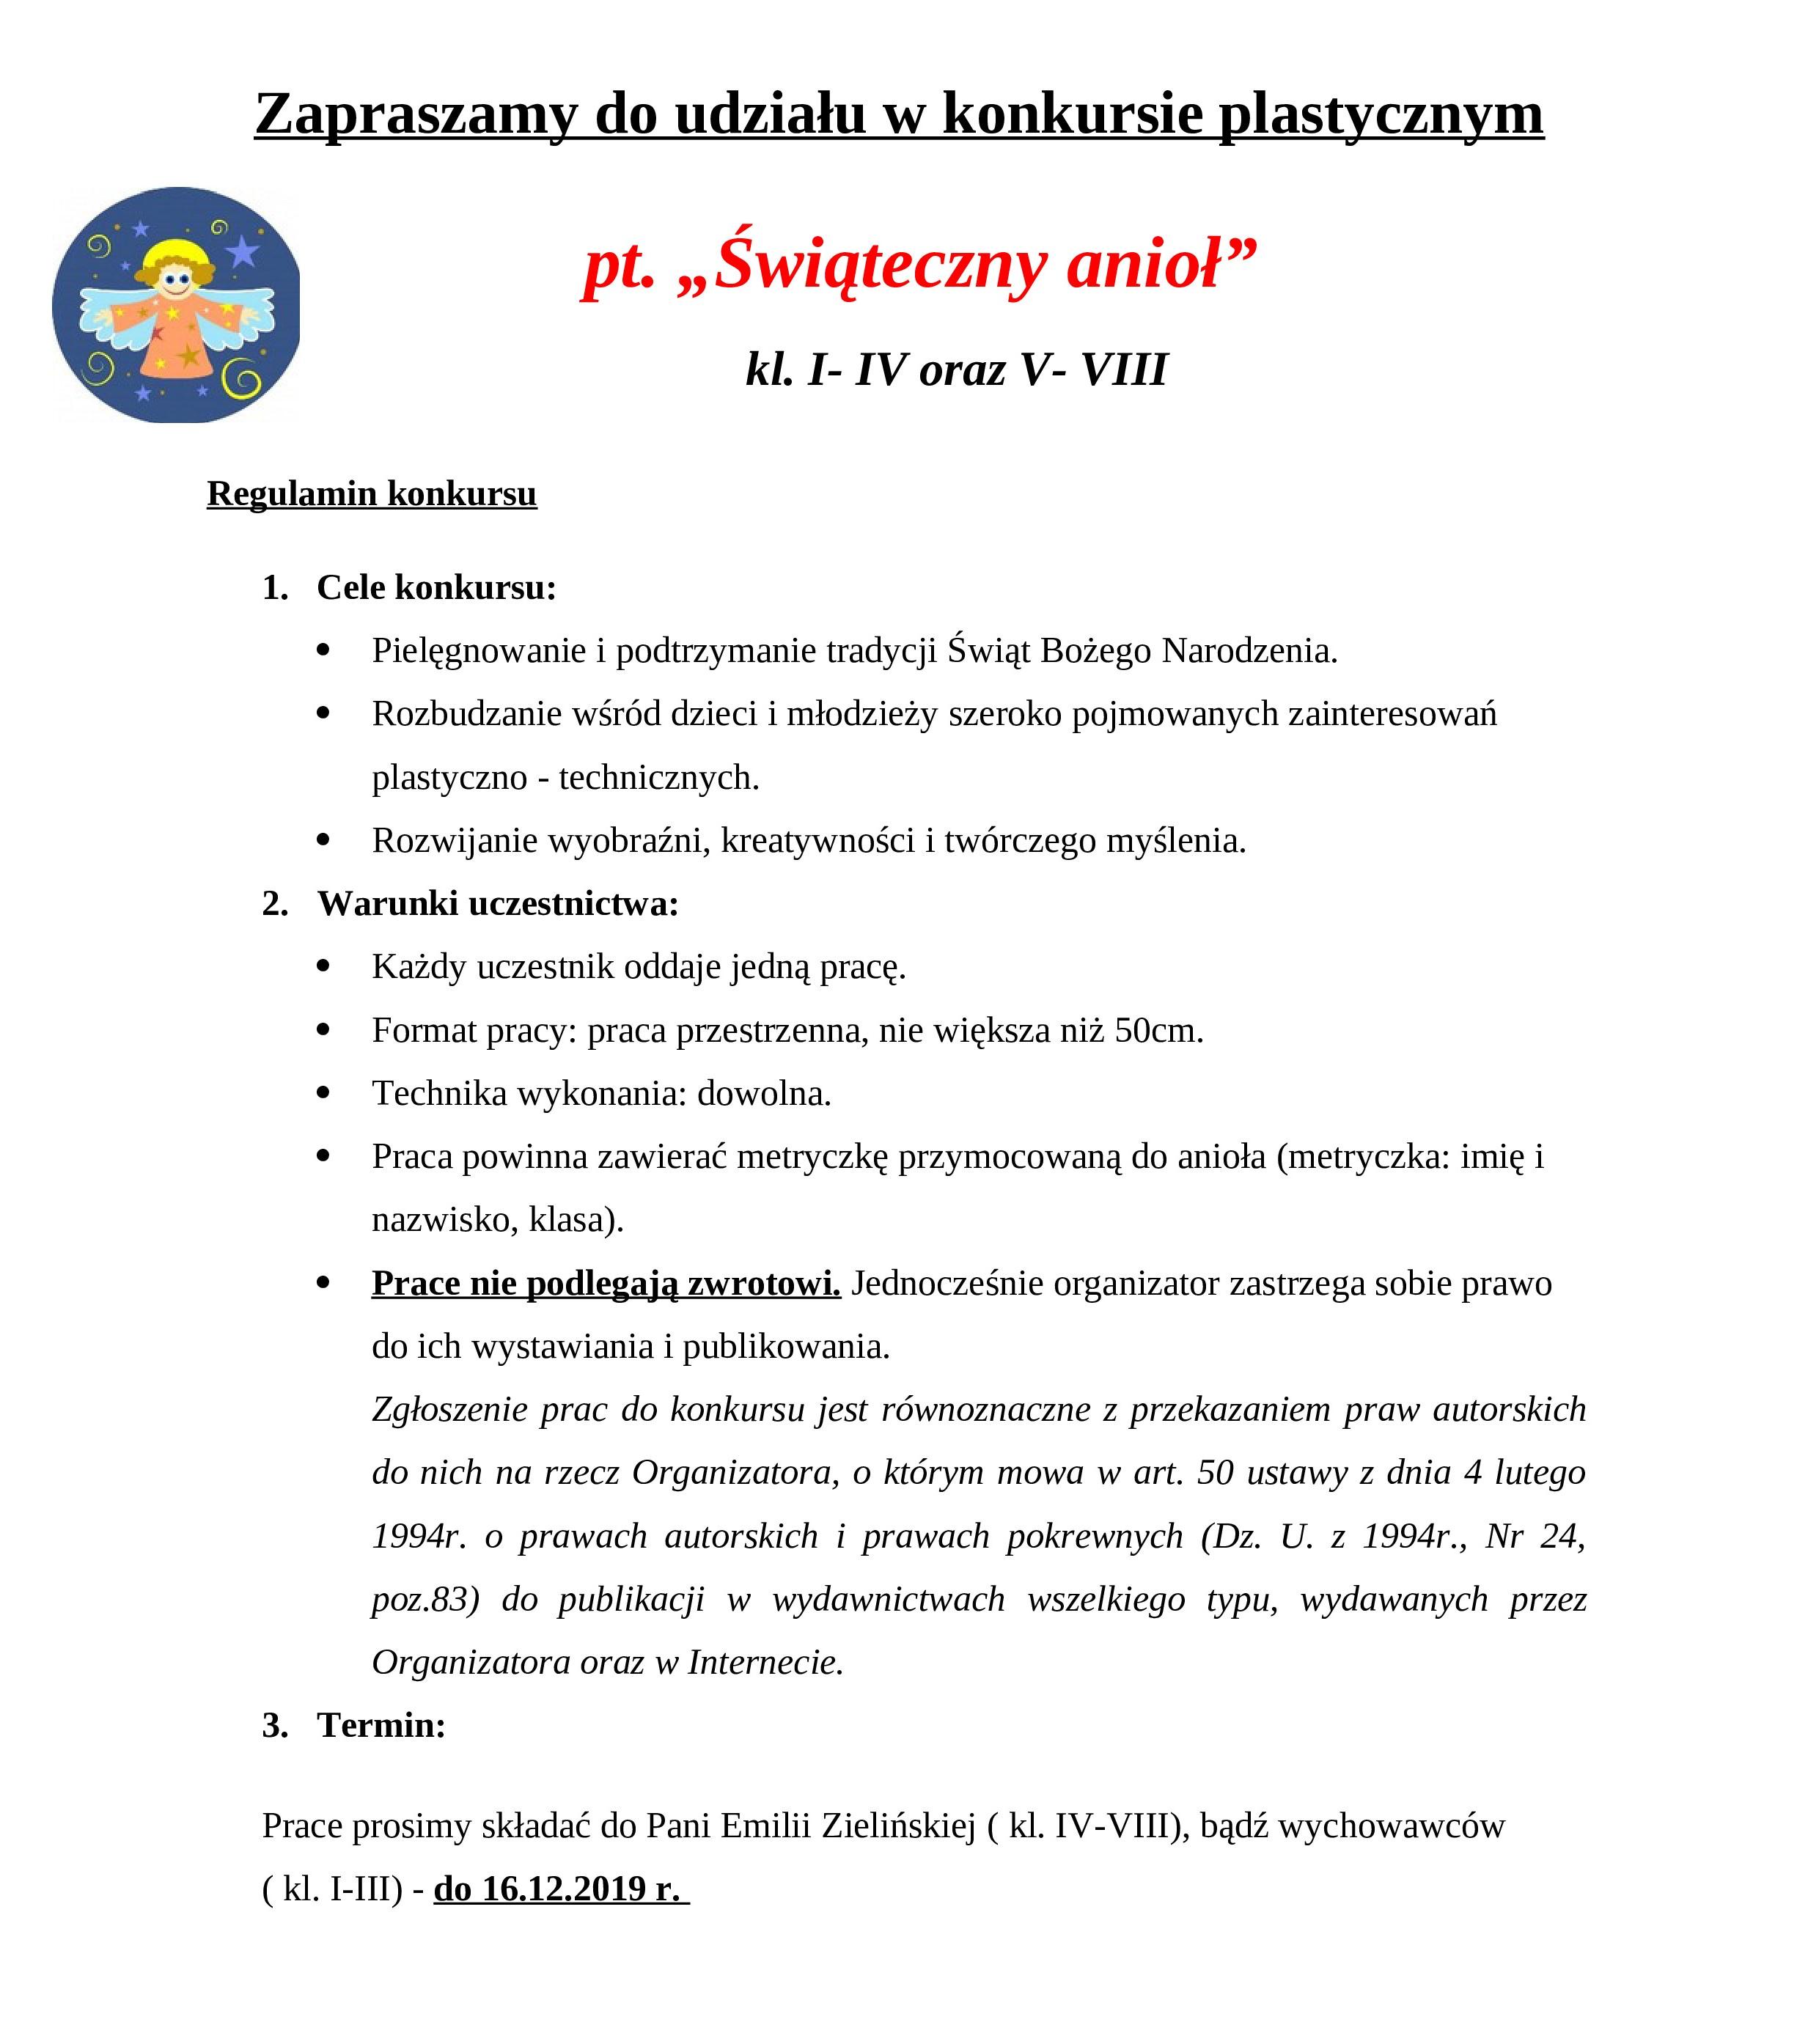 Konkurs-witeczny-anio-E.-Zieliska (6)